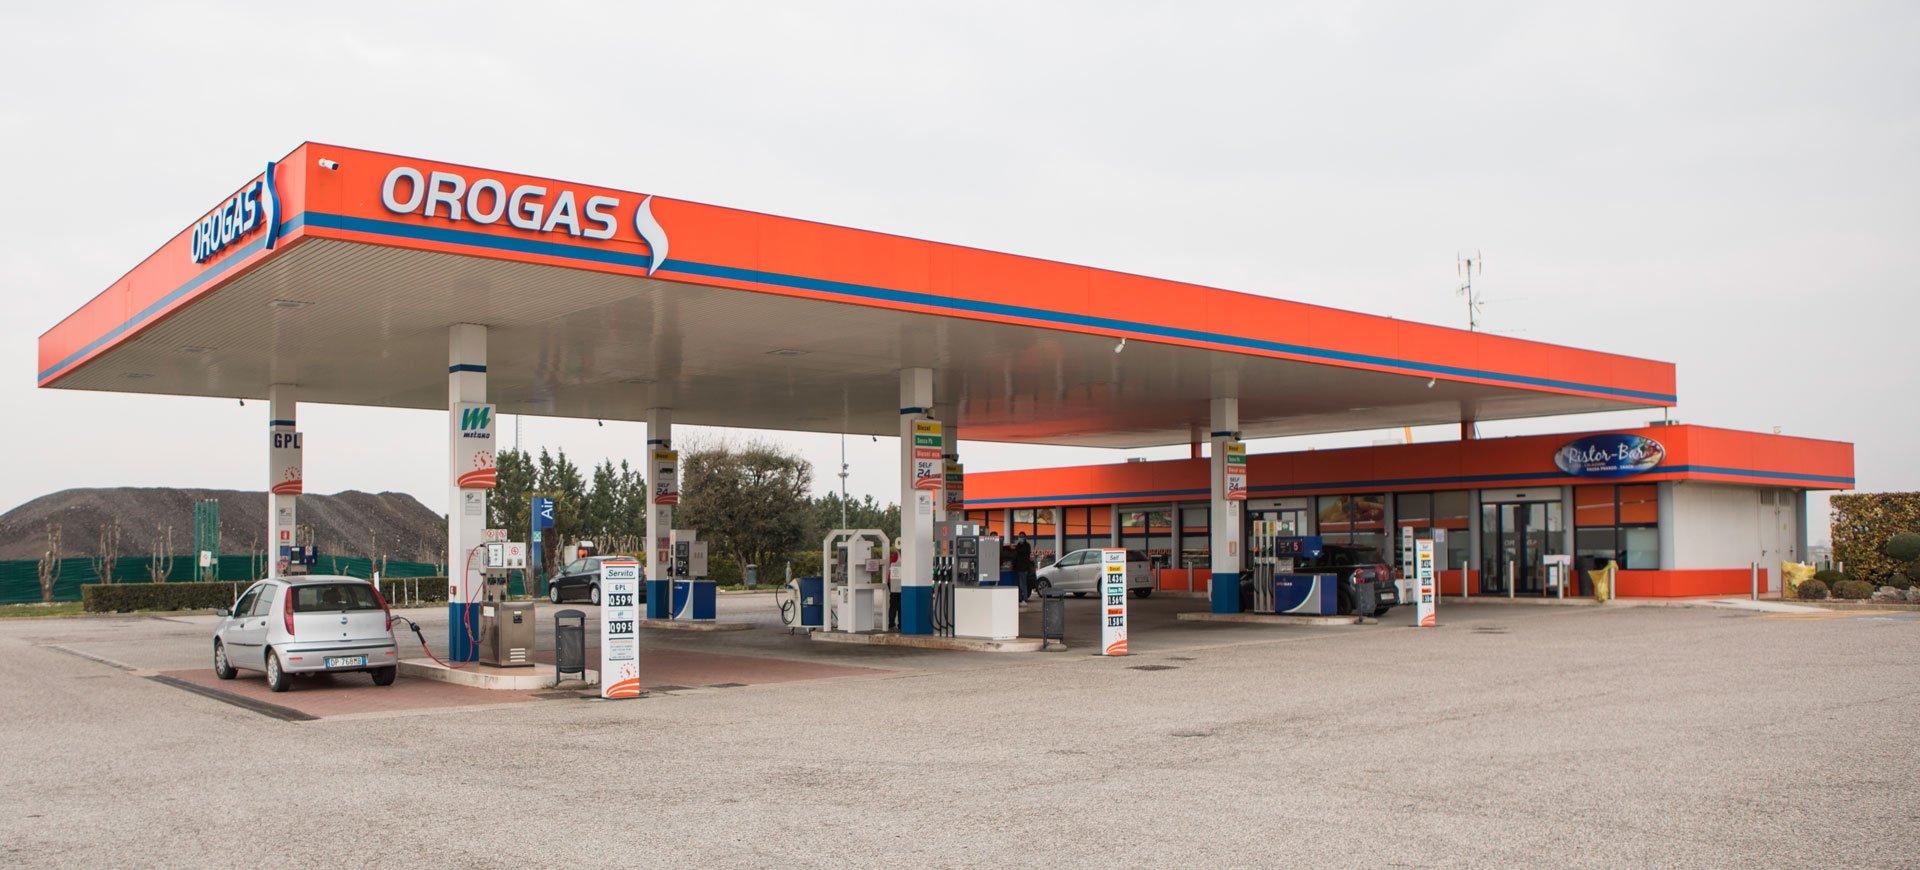 Orogas stazione di servizo